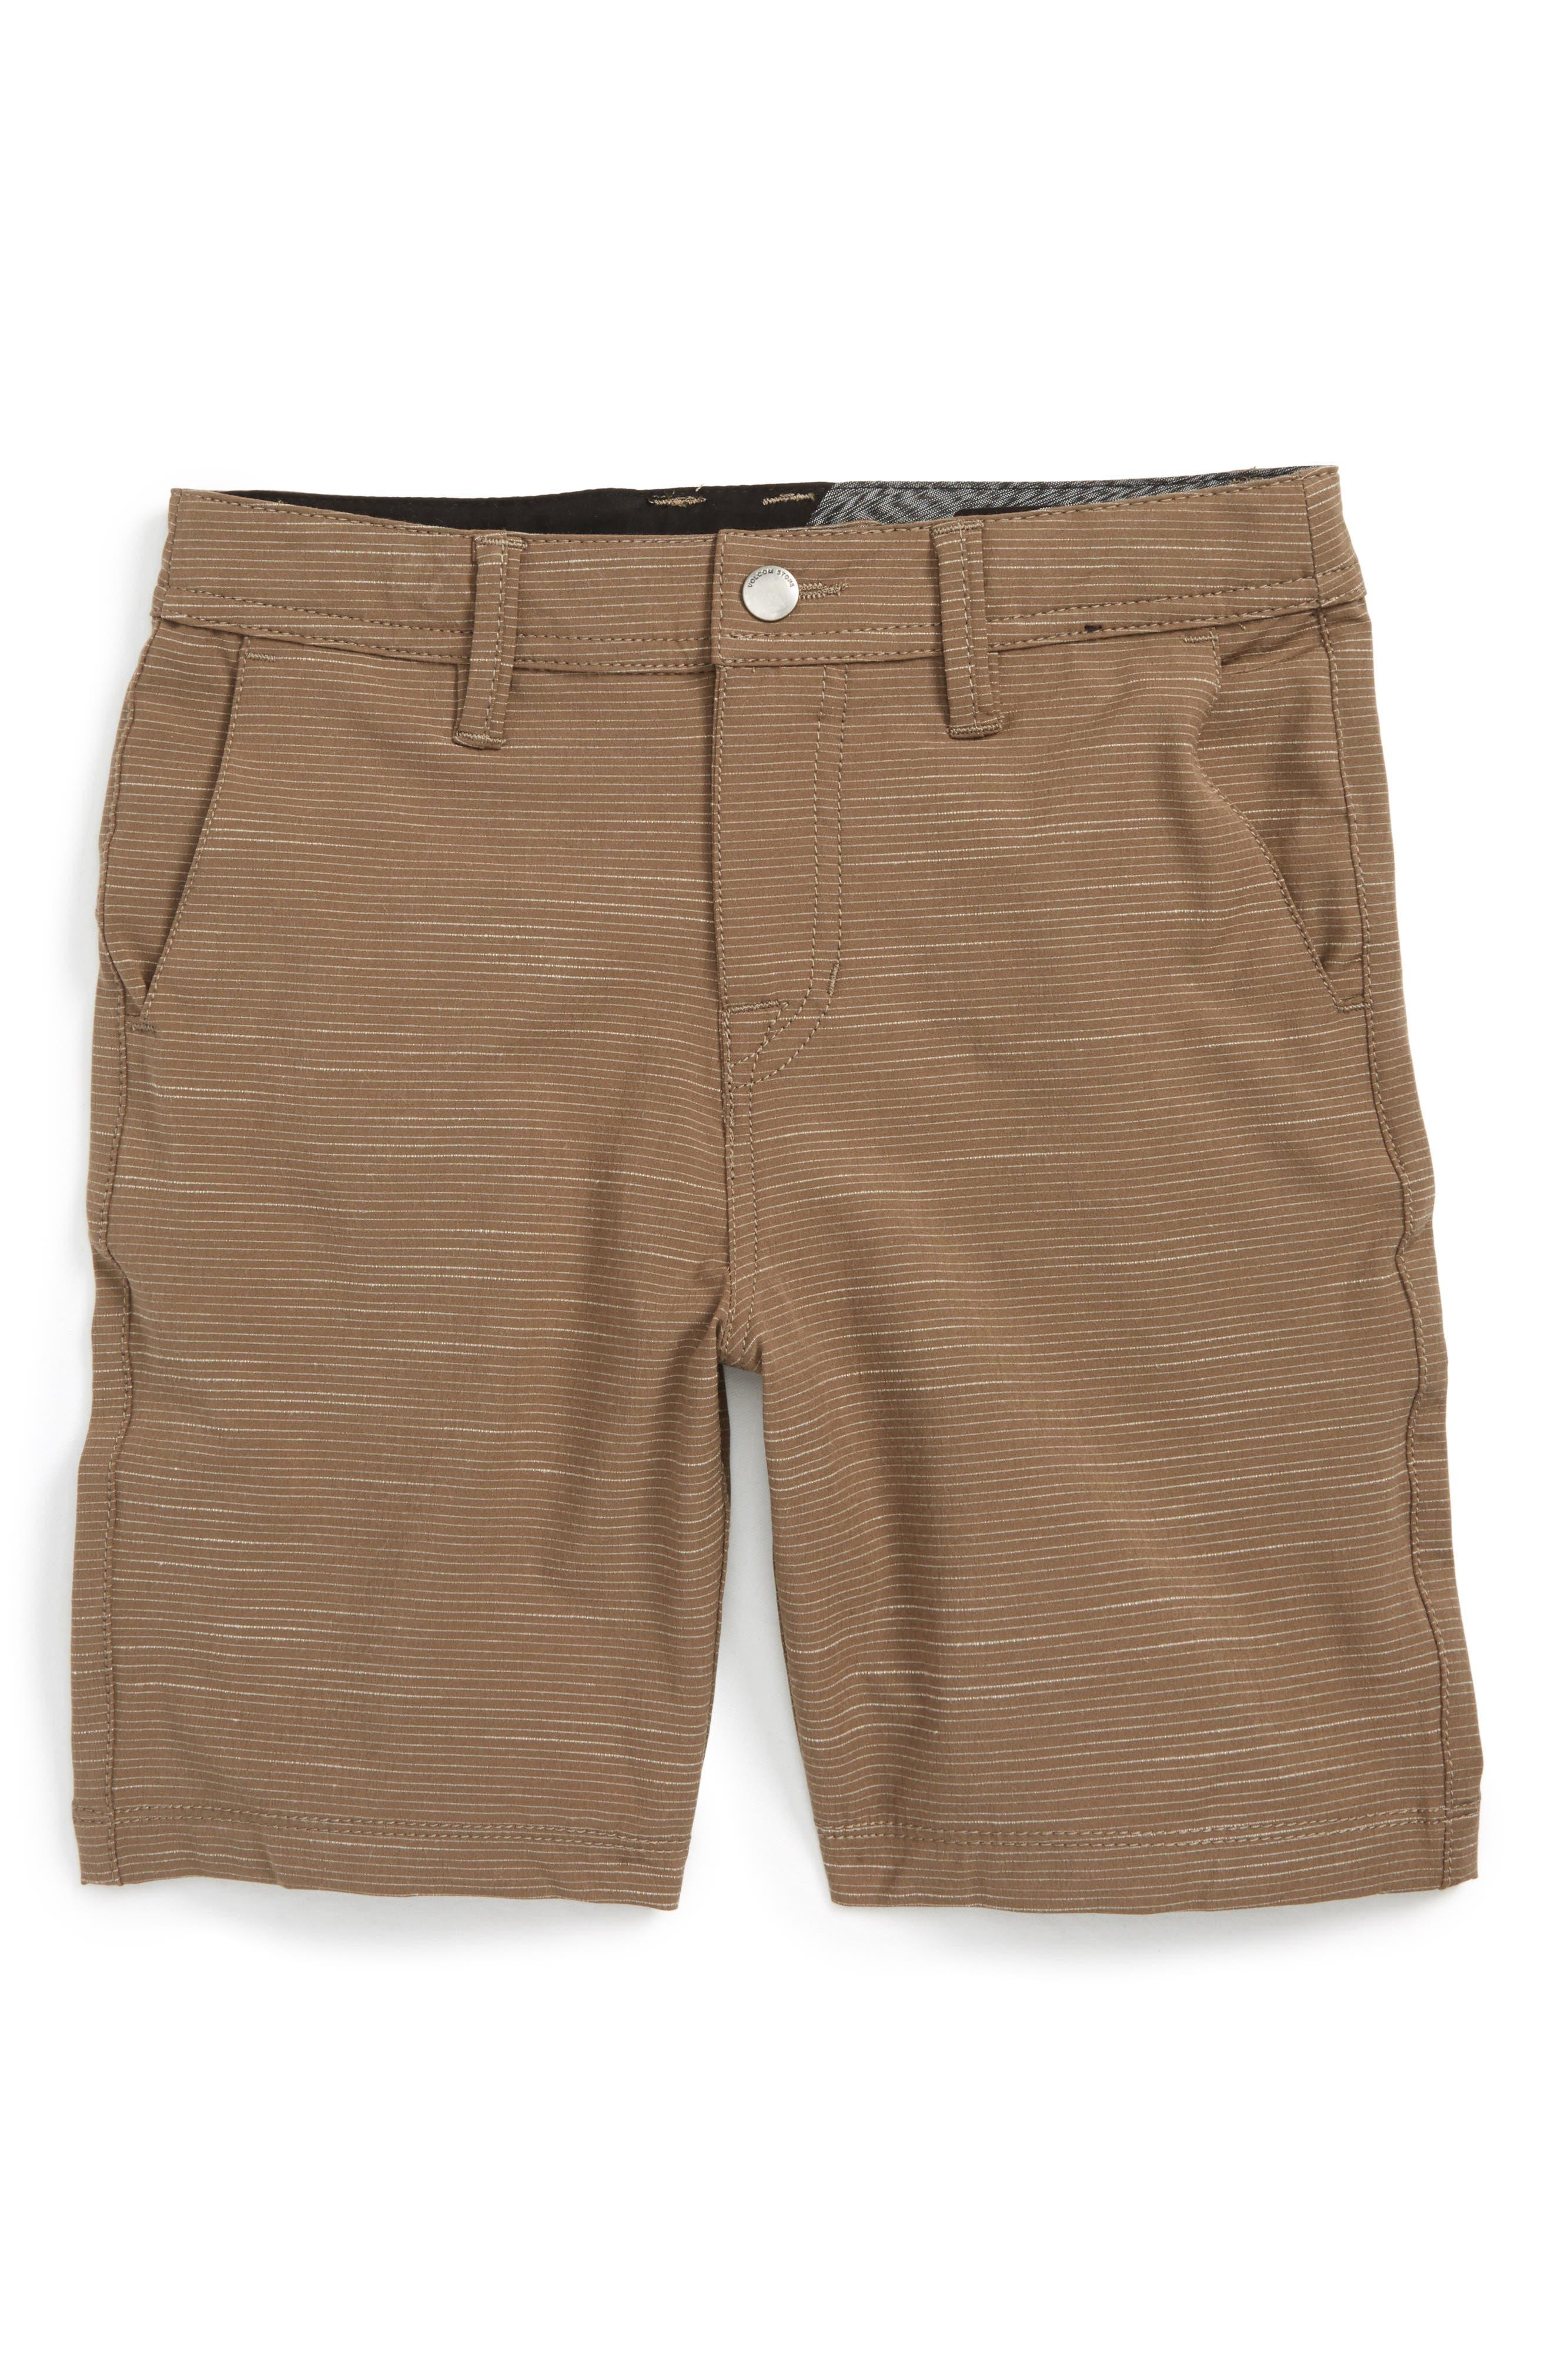 VOLCOM Surf N Turf Hybrid Shorts